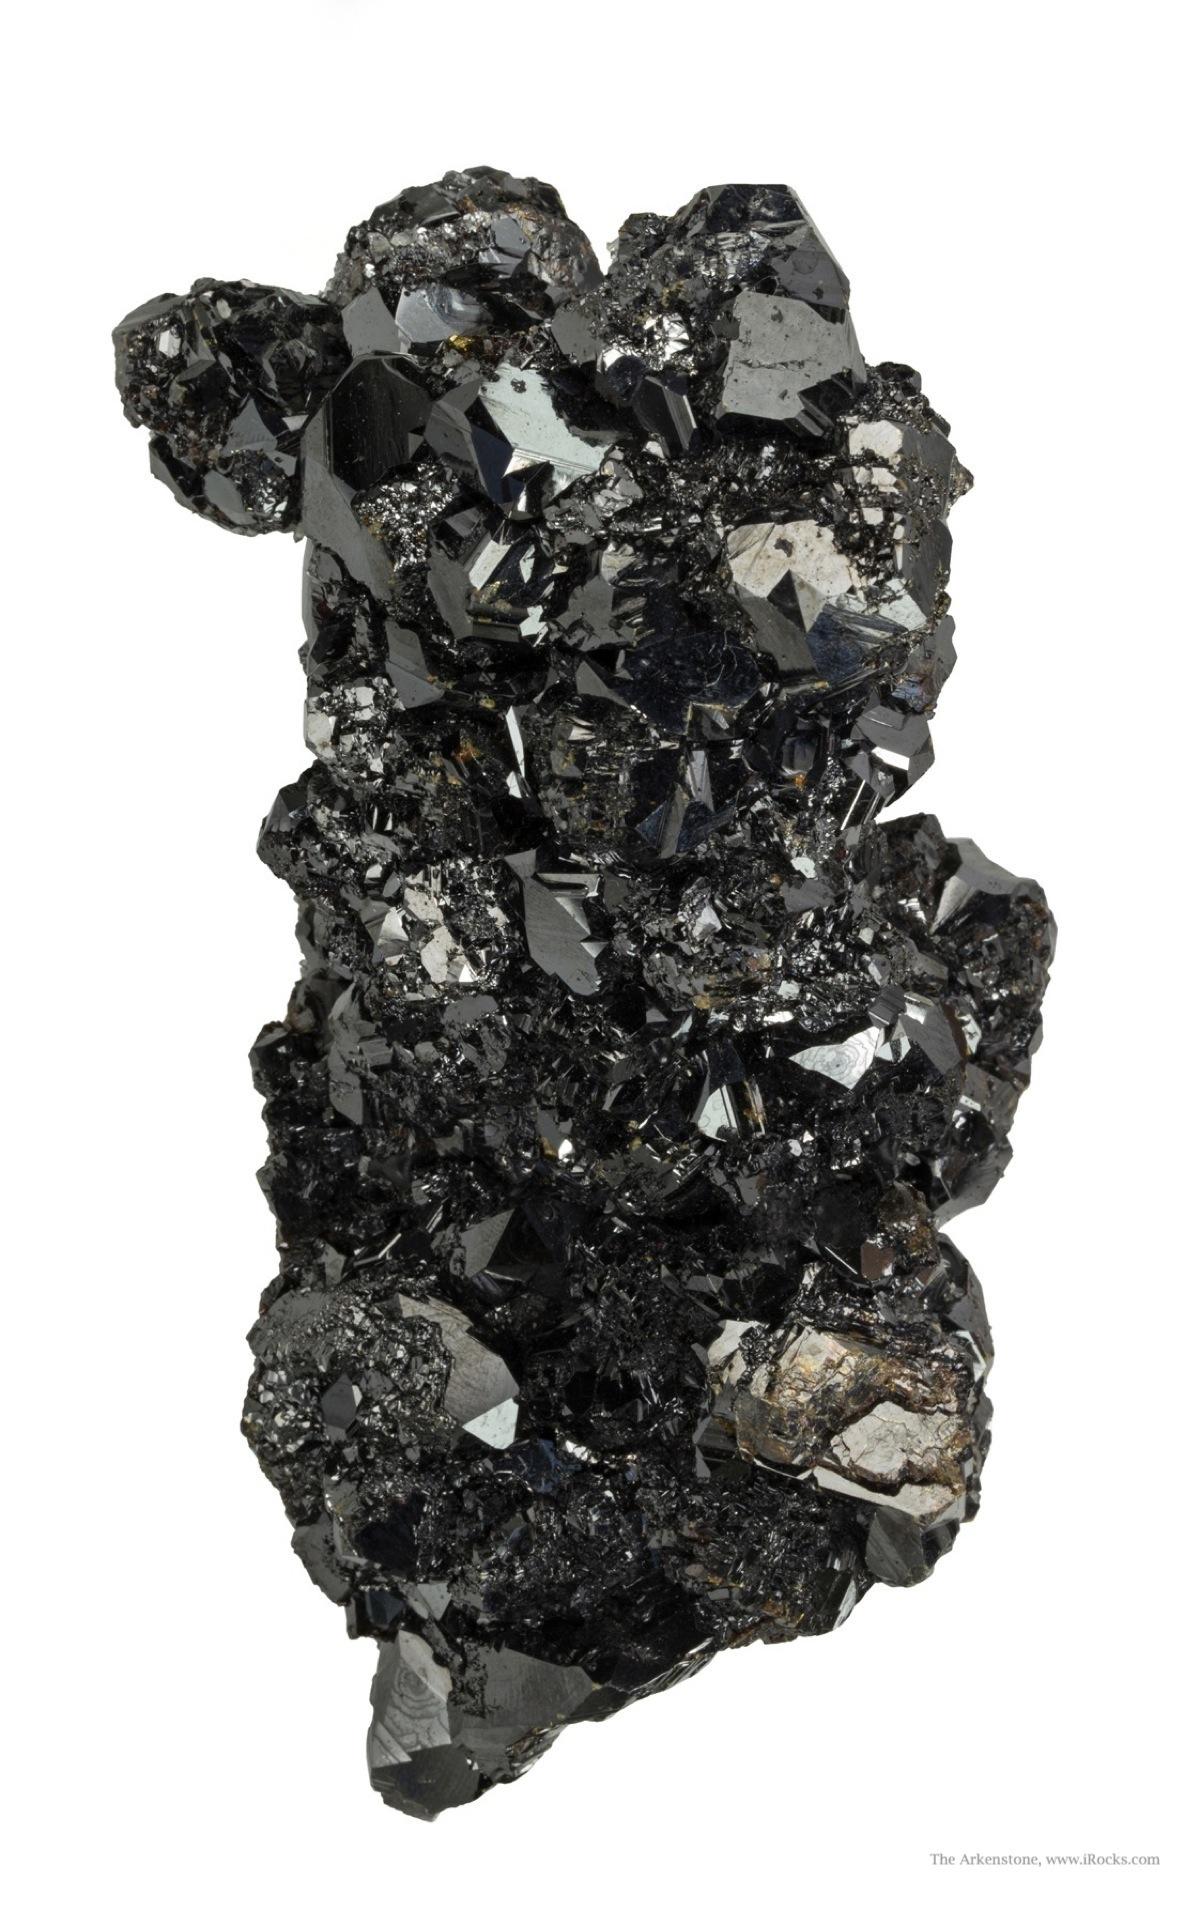 A gorgeous specimen really glassy sphalerites older mines district